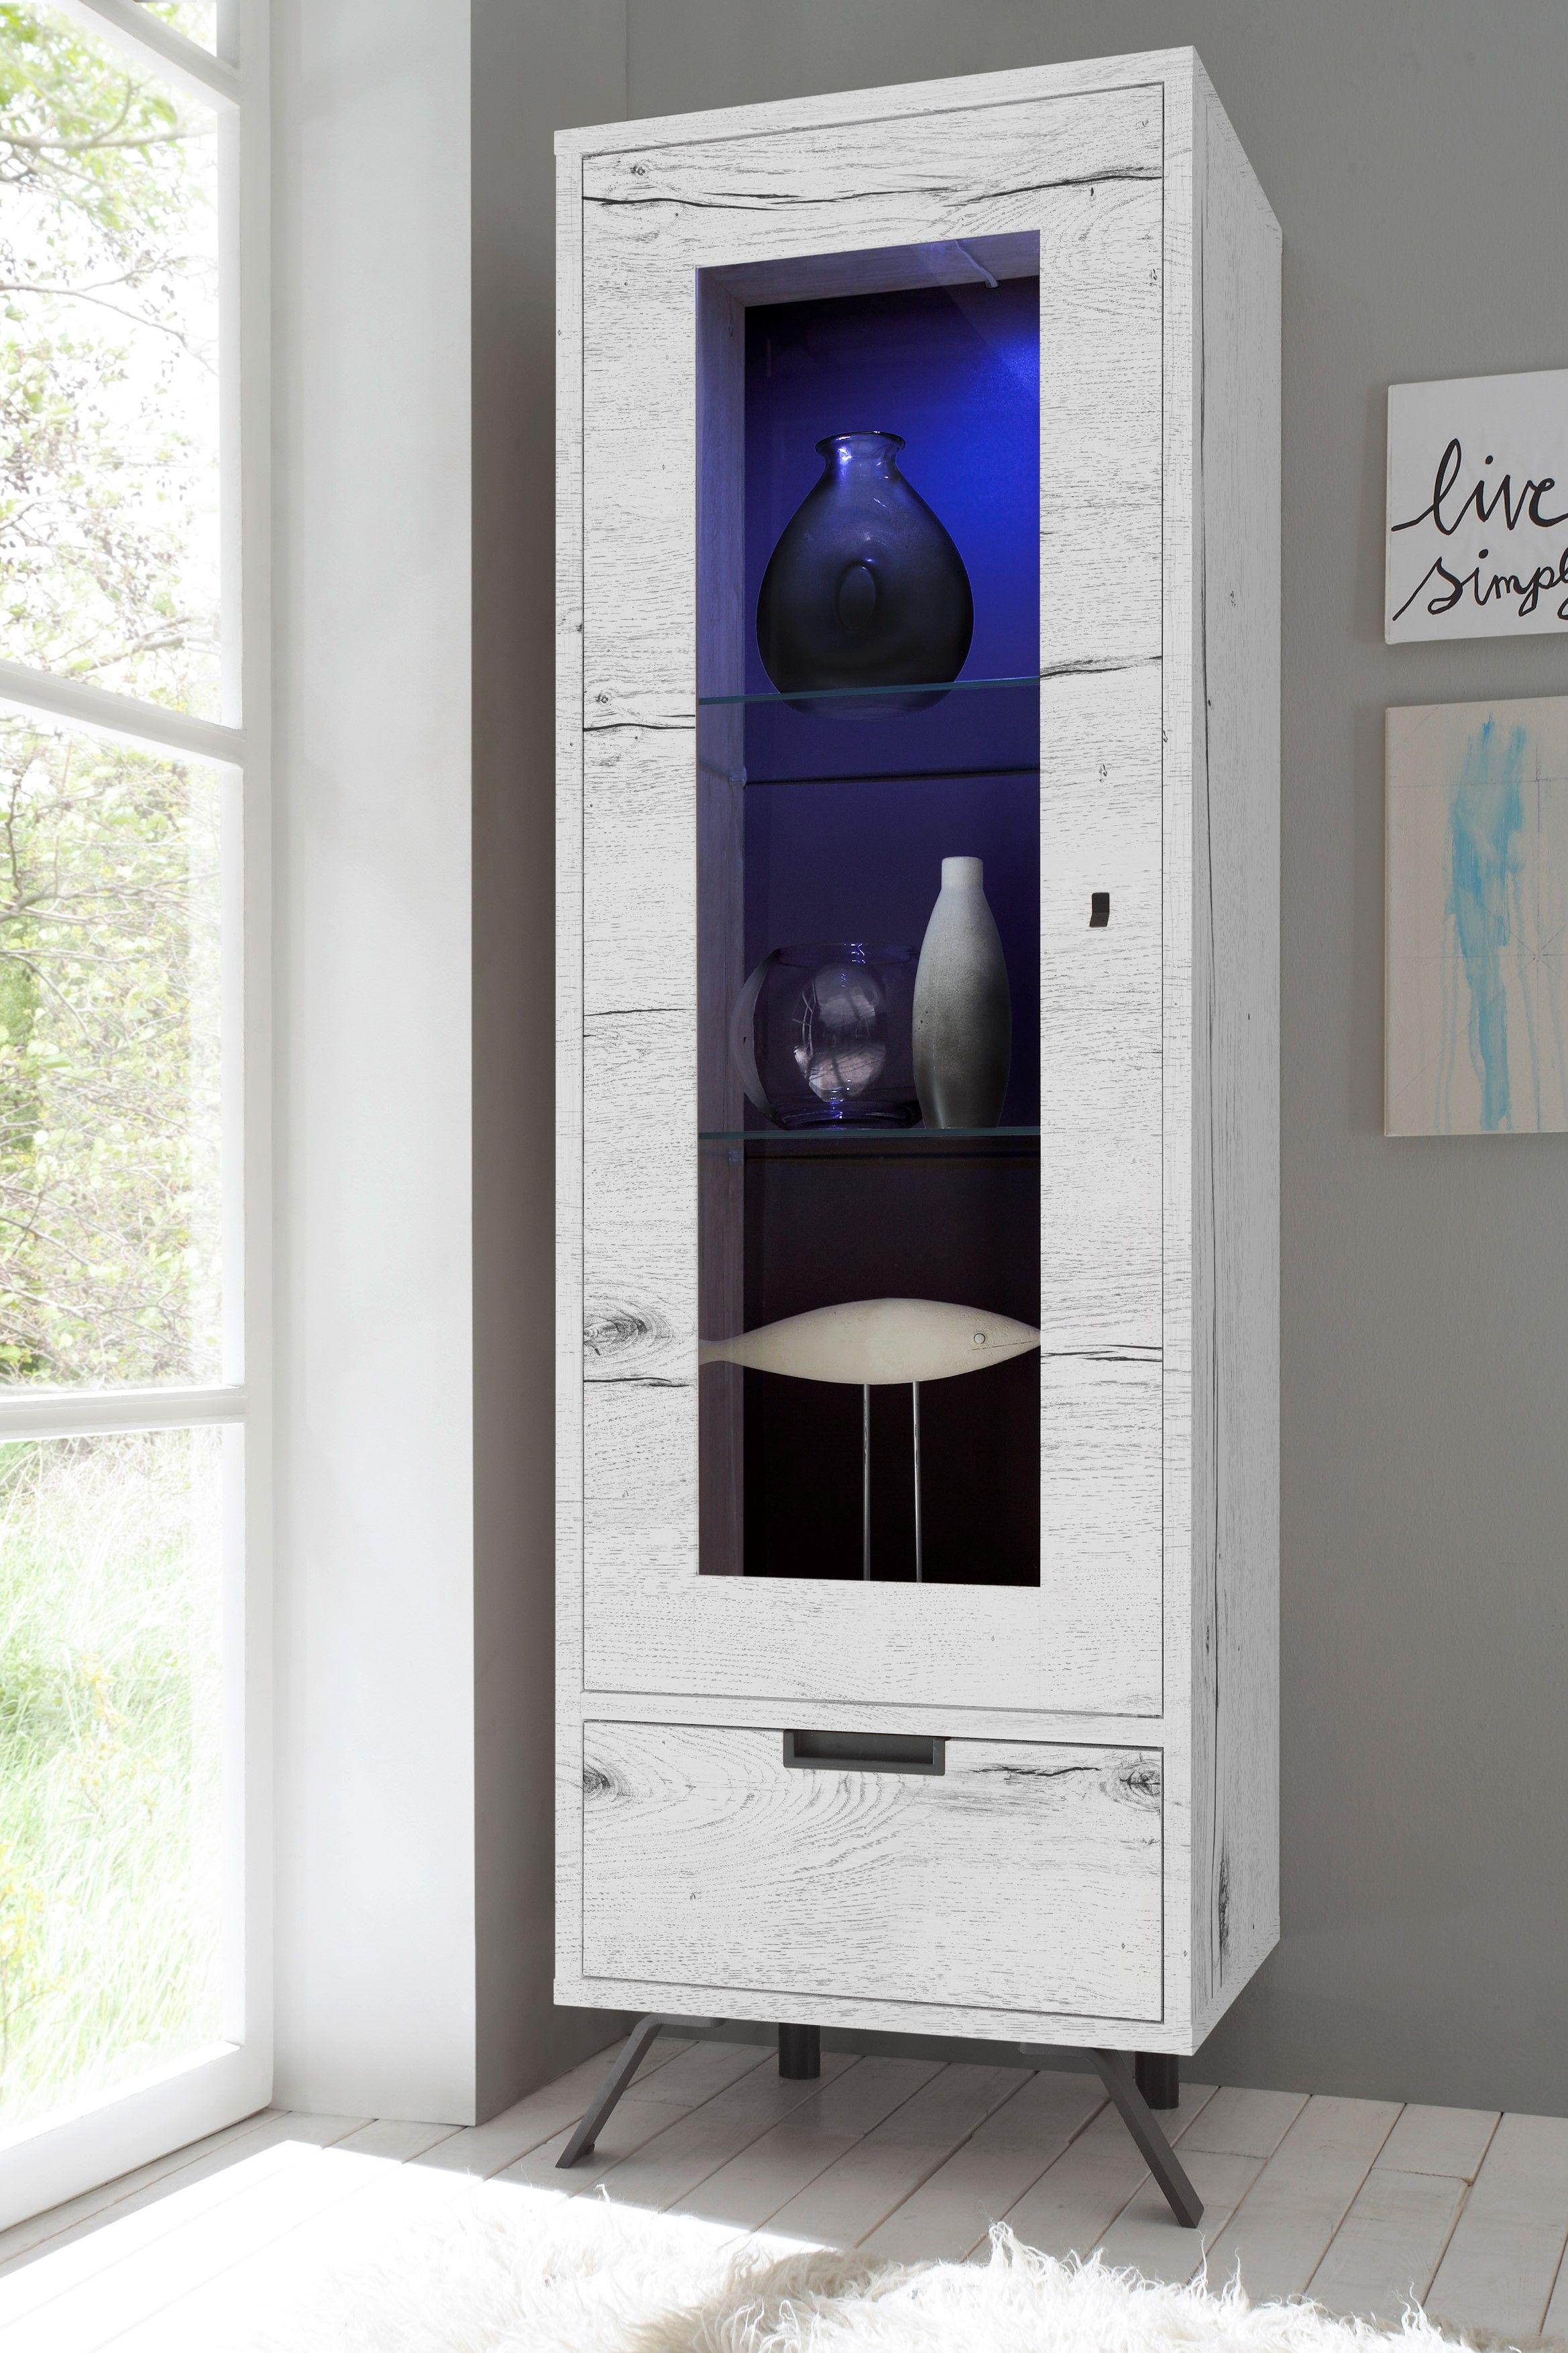 Esszimmer-buffet-schränke vitrine palma i wohnaura möbel design einrichten idee